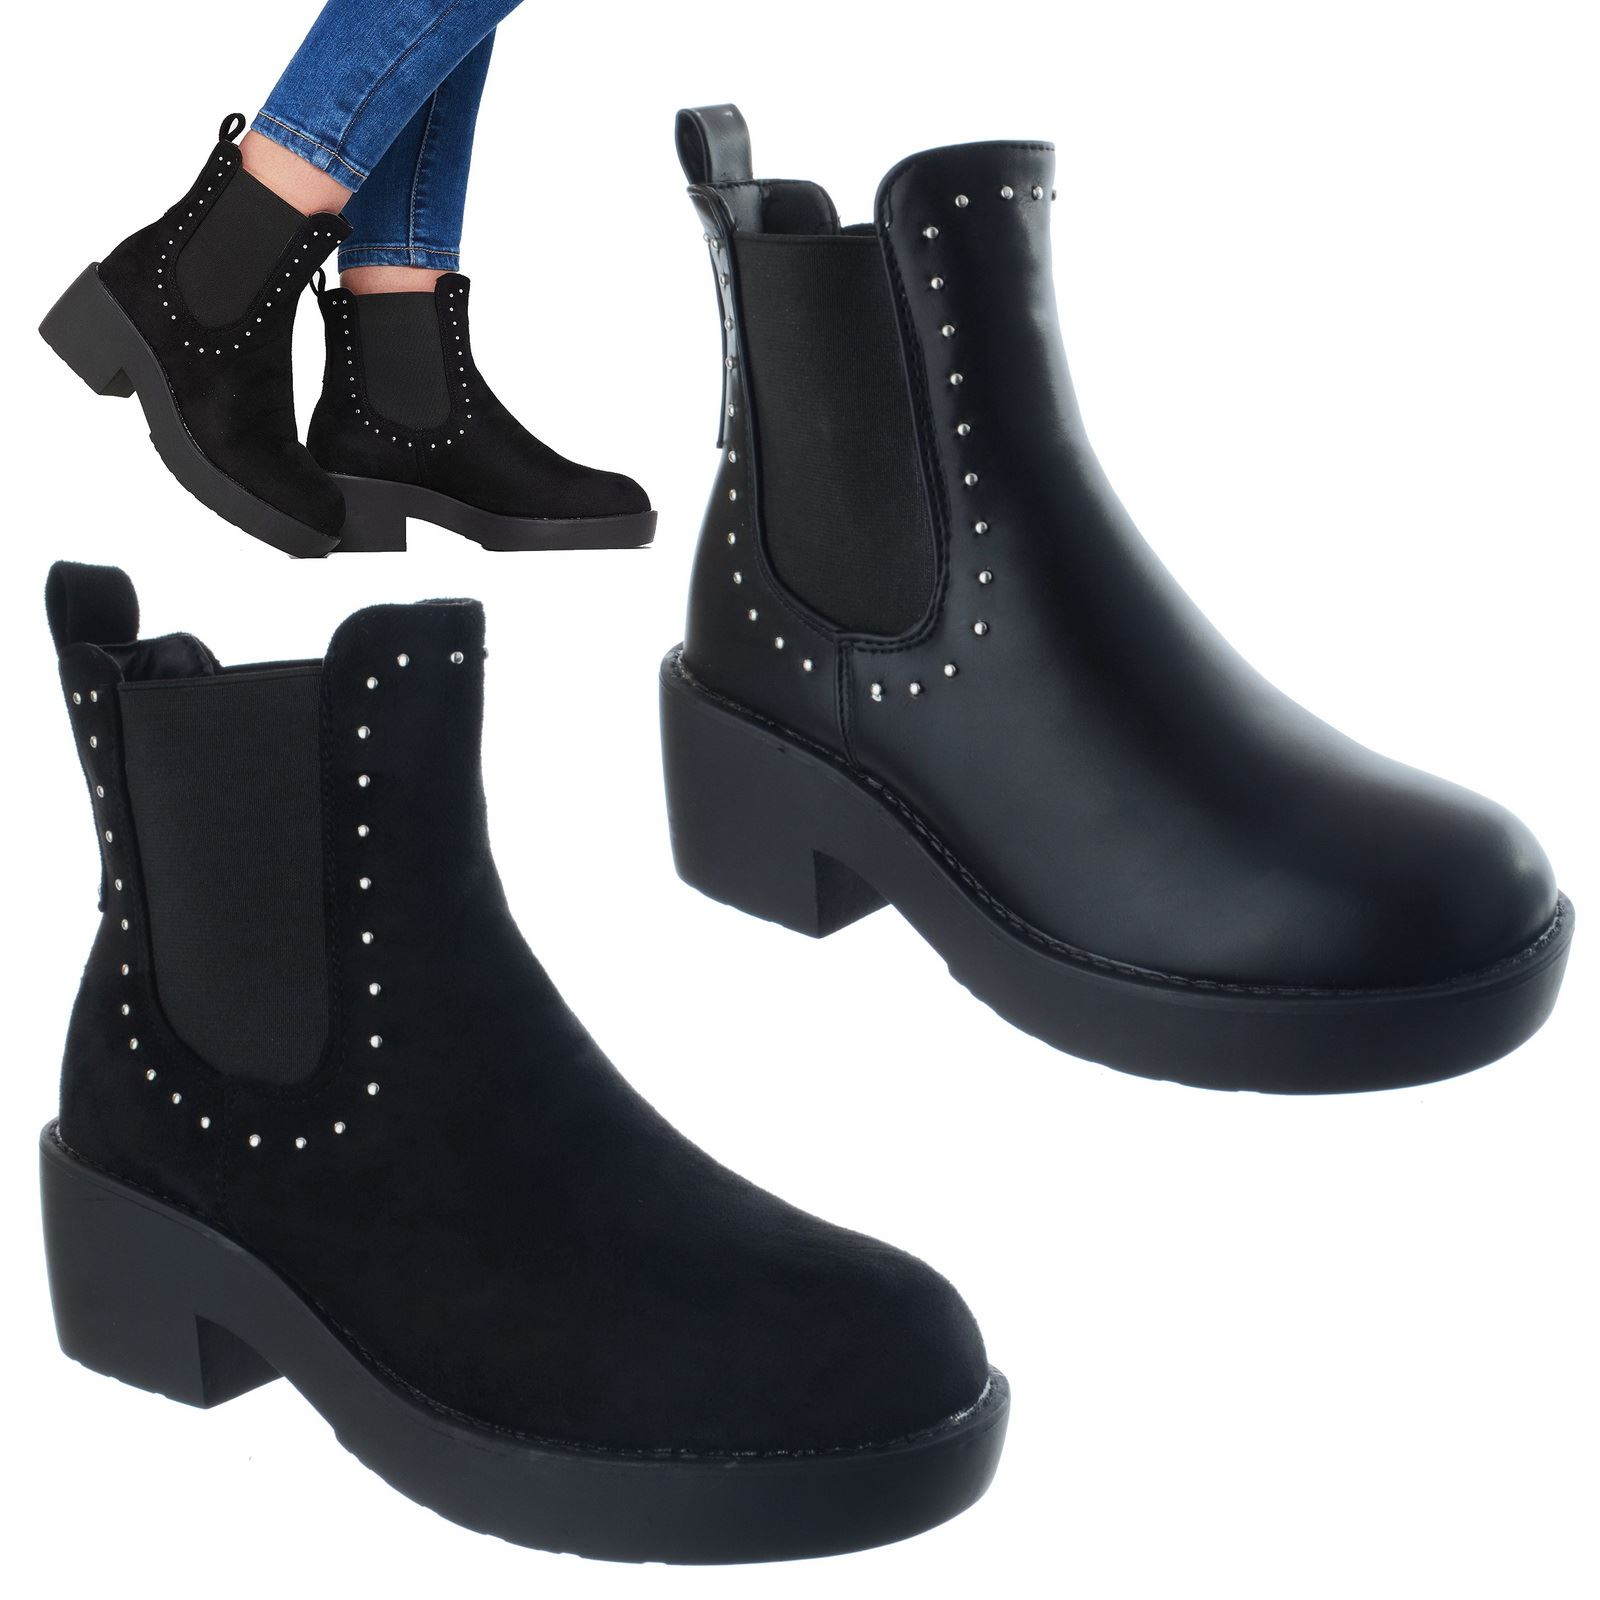 Femme Femmes Talon Bottier Bas et Inspiration Designer Chelsea Cheville Bottes Chaussures Taille